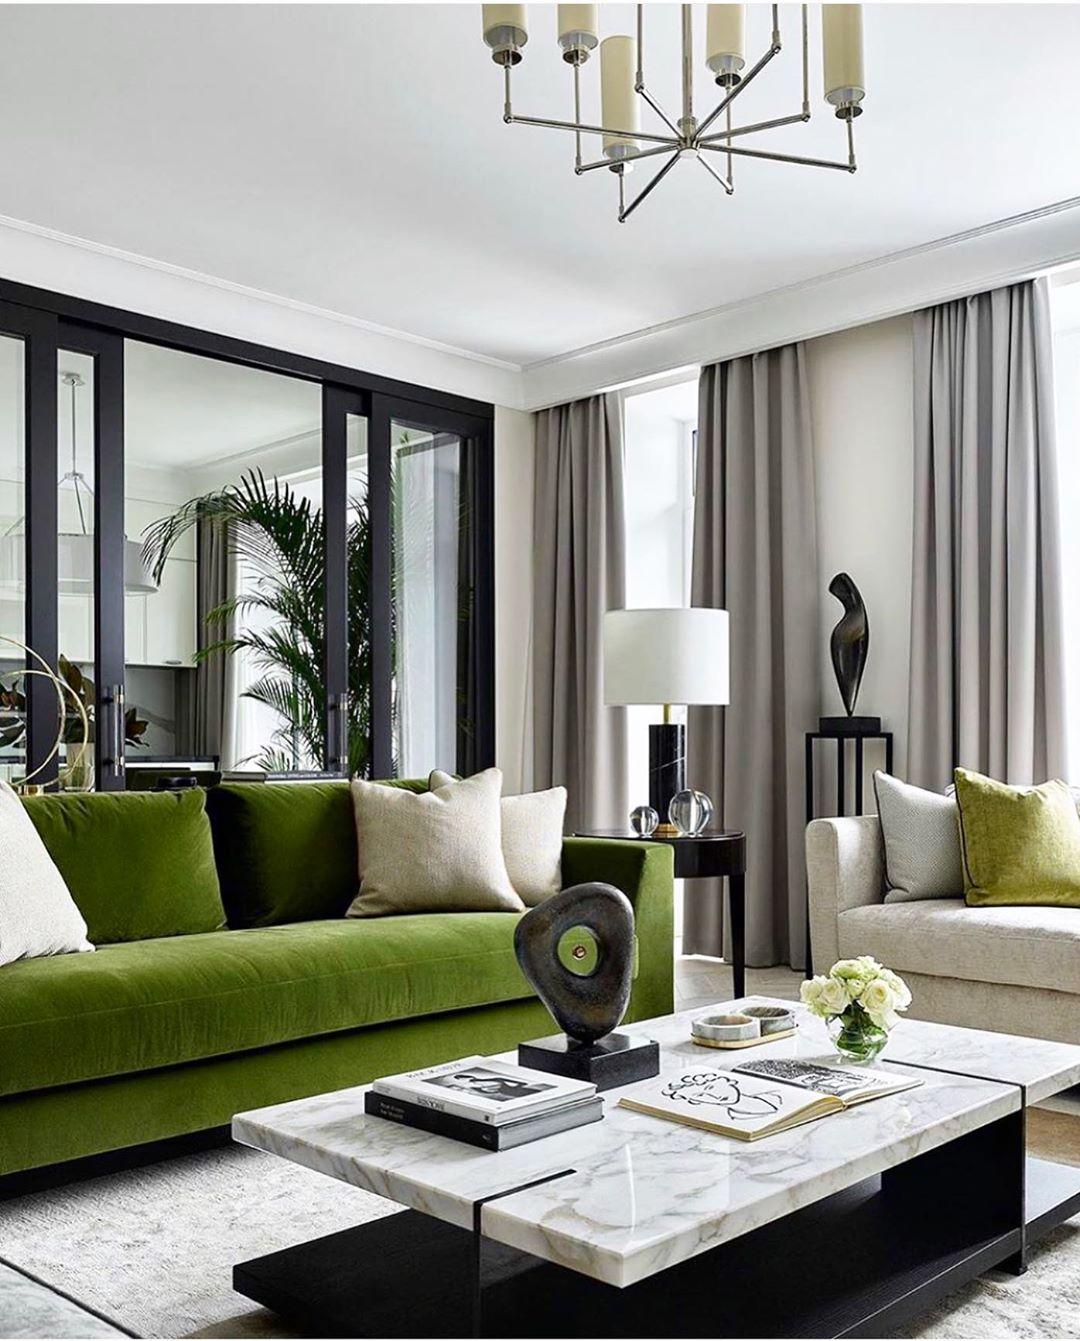 sofa verde na decoracao